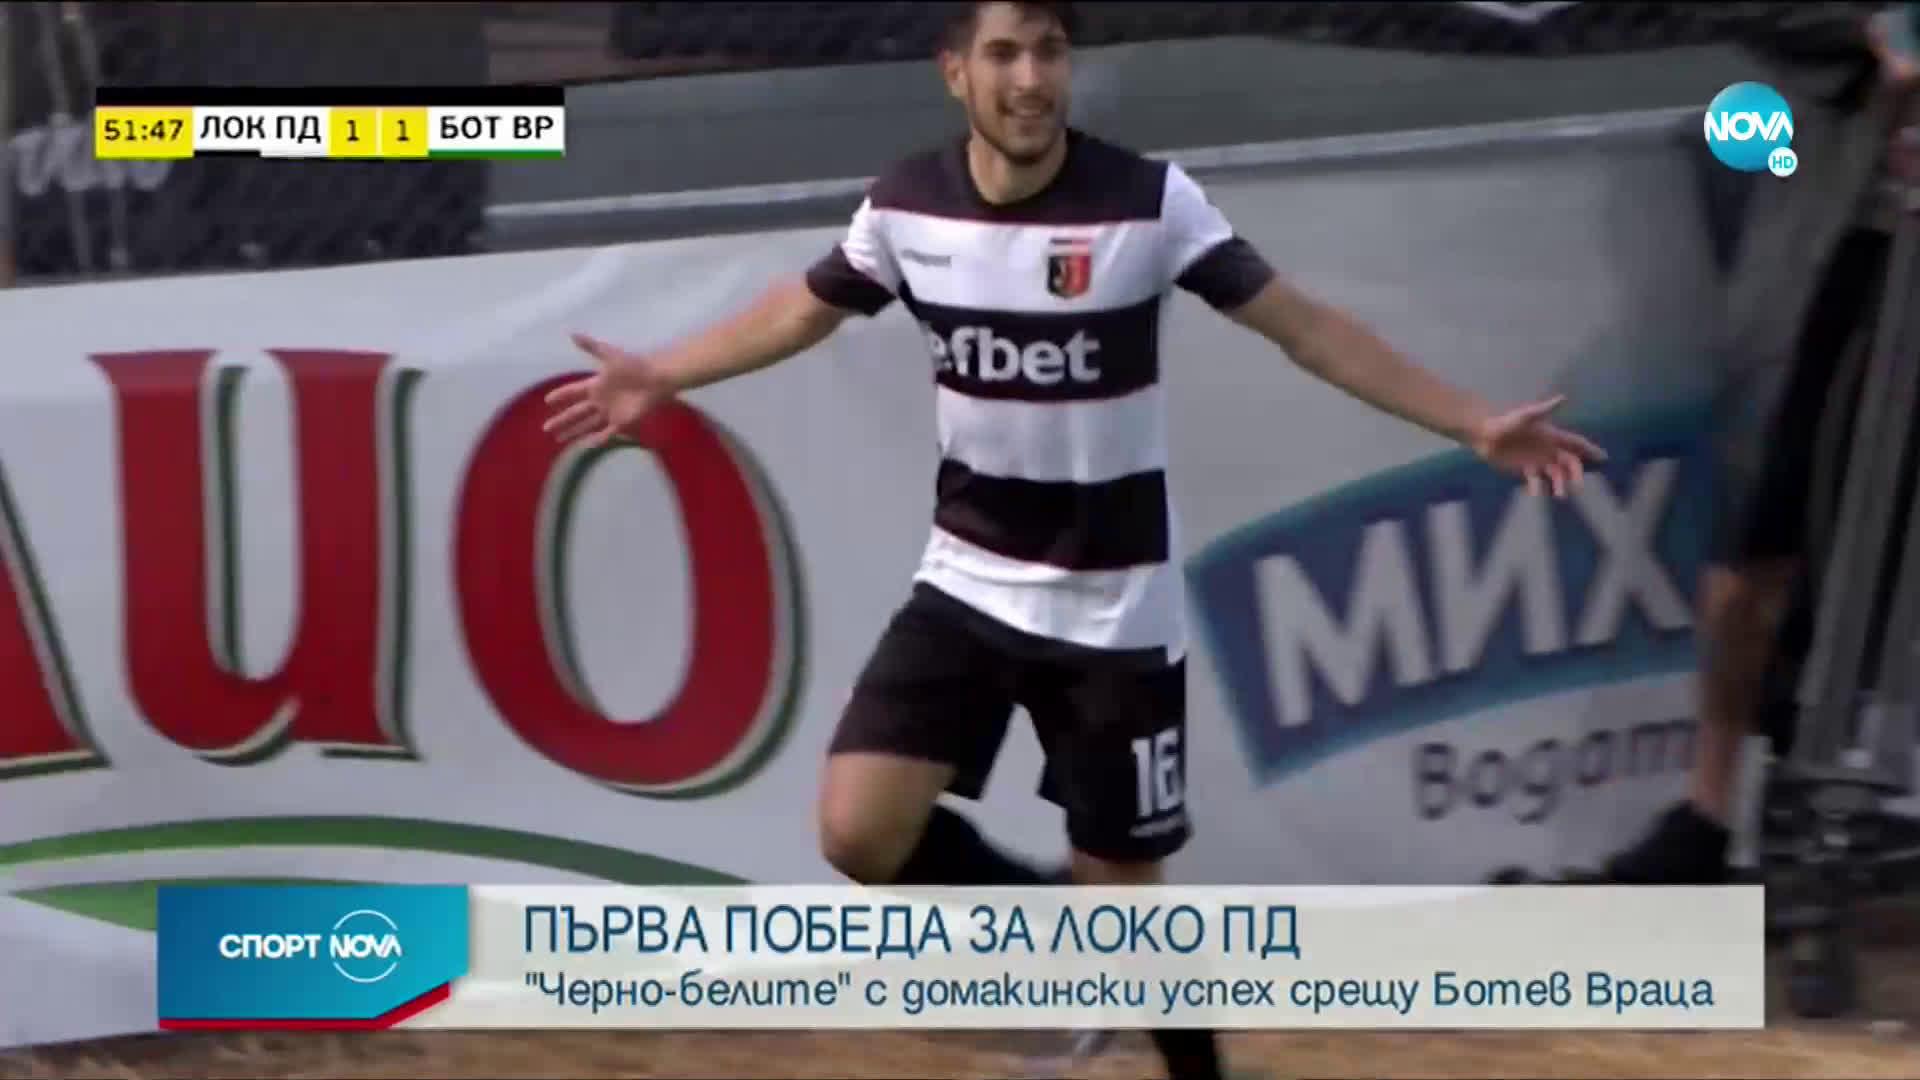 Спортни новини (15.08.2020 - централна емисия)